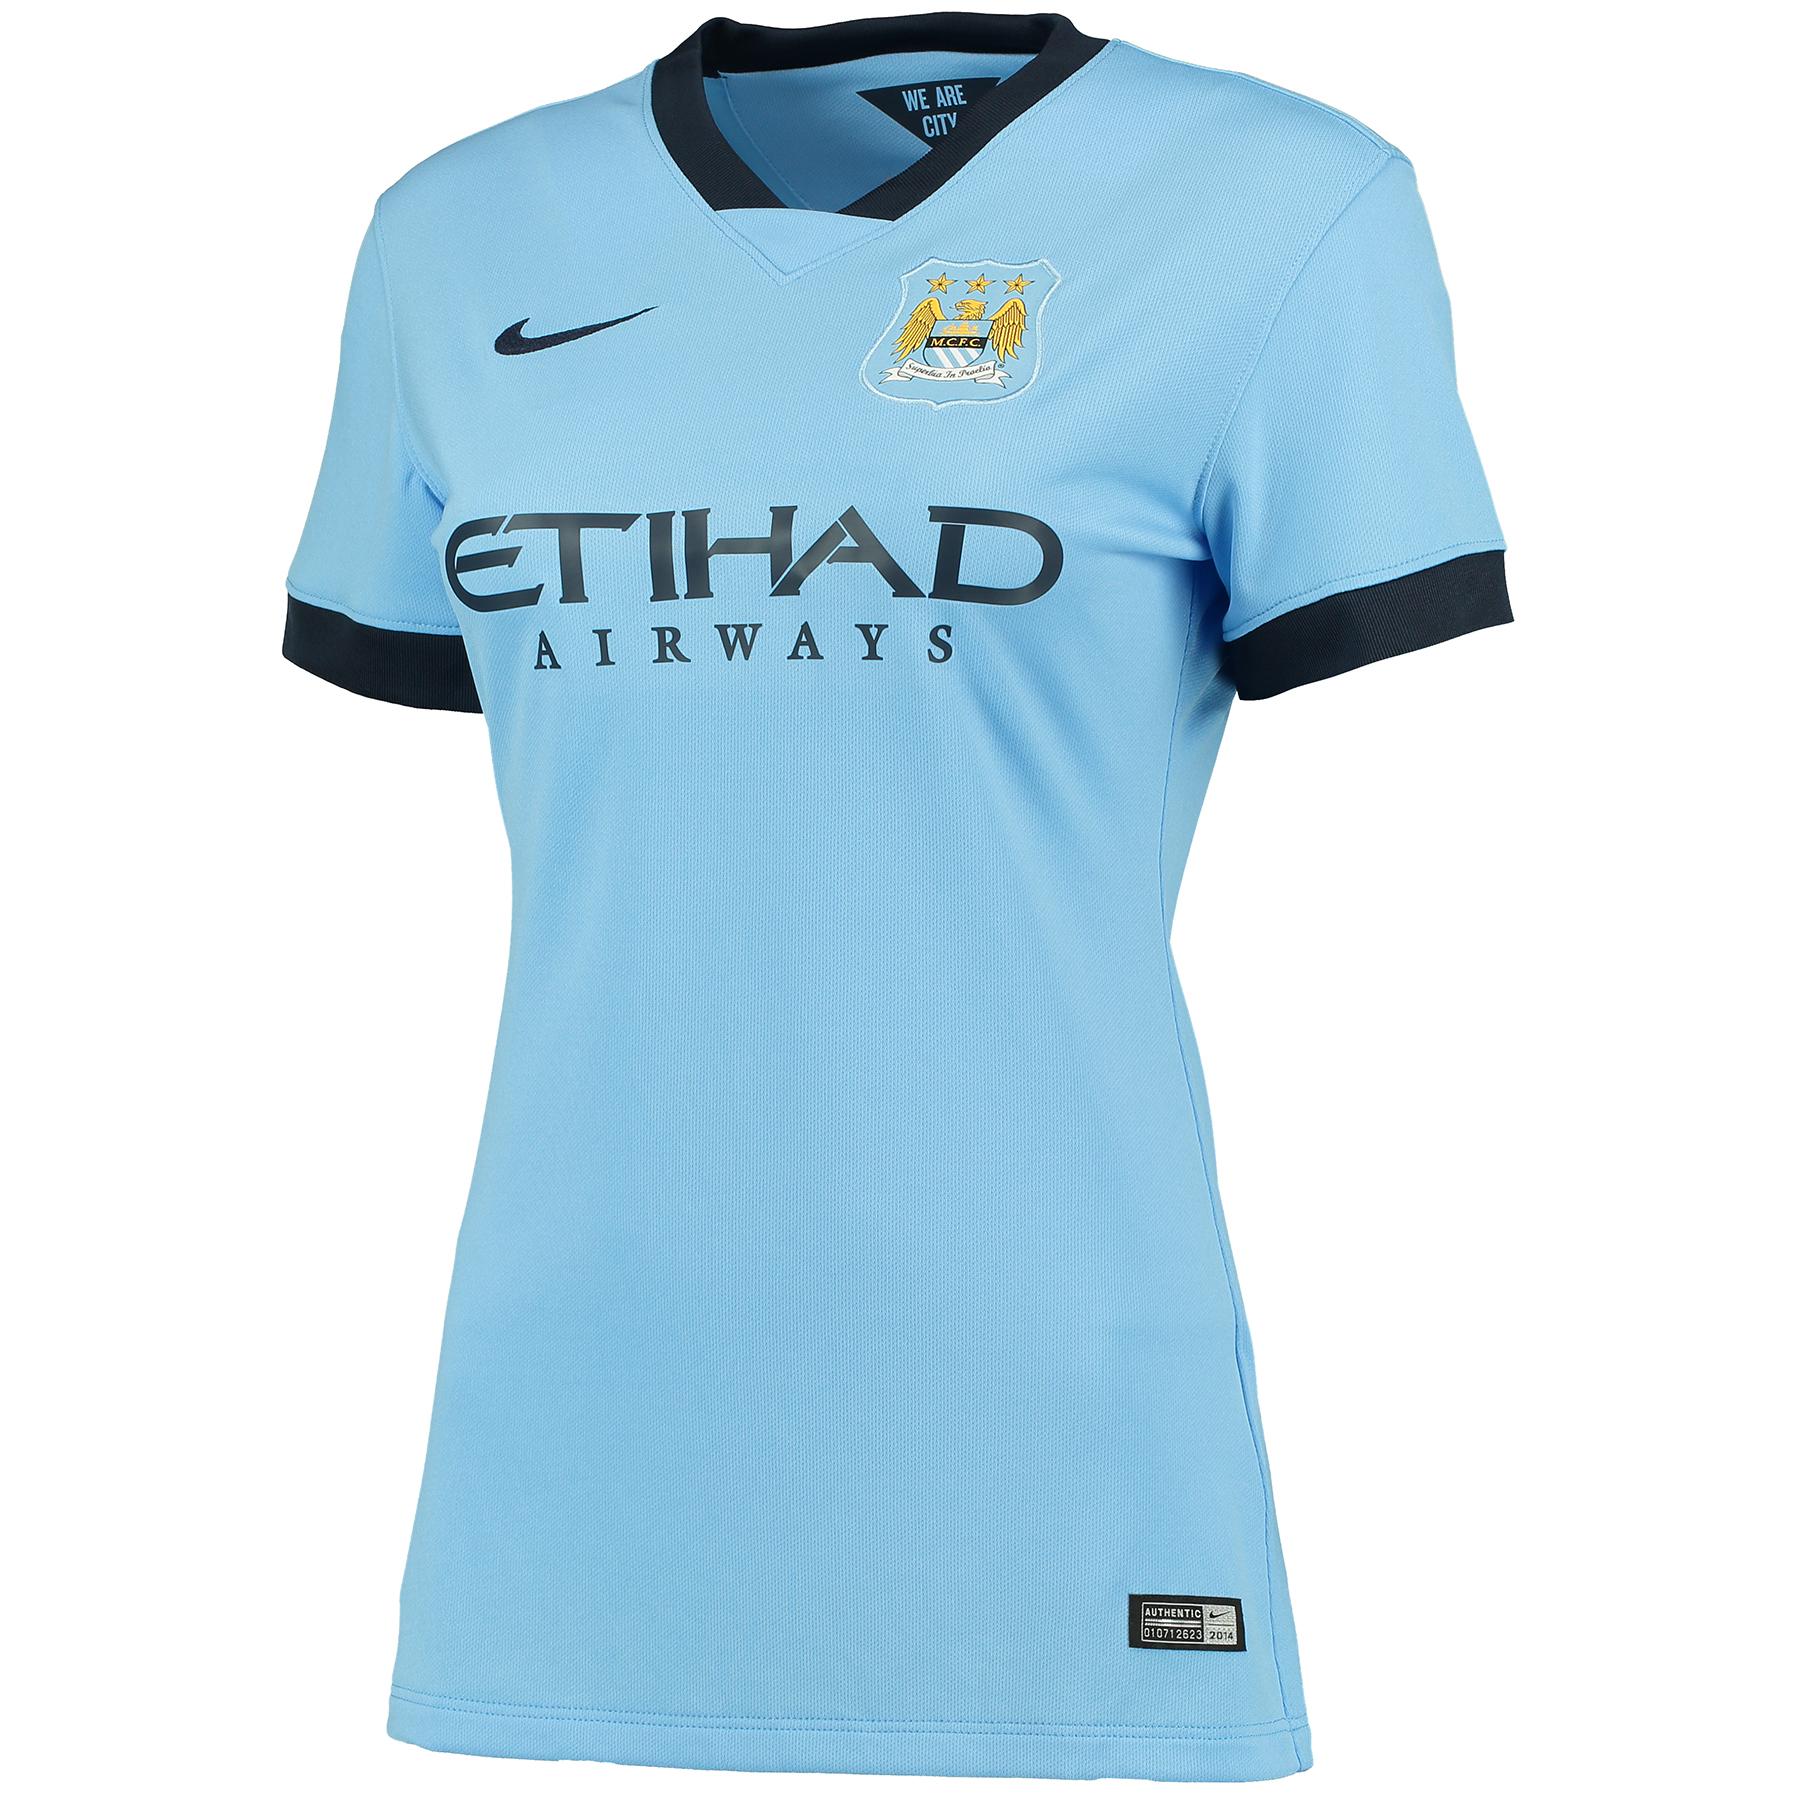 Manchester City Home Shirt 2014/15 - Womens Sky Blue